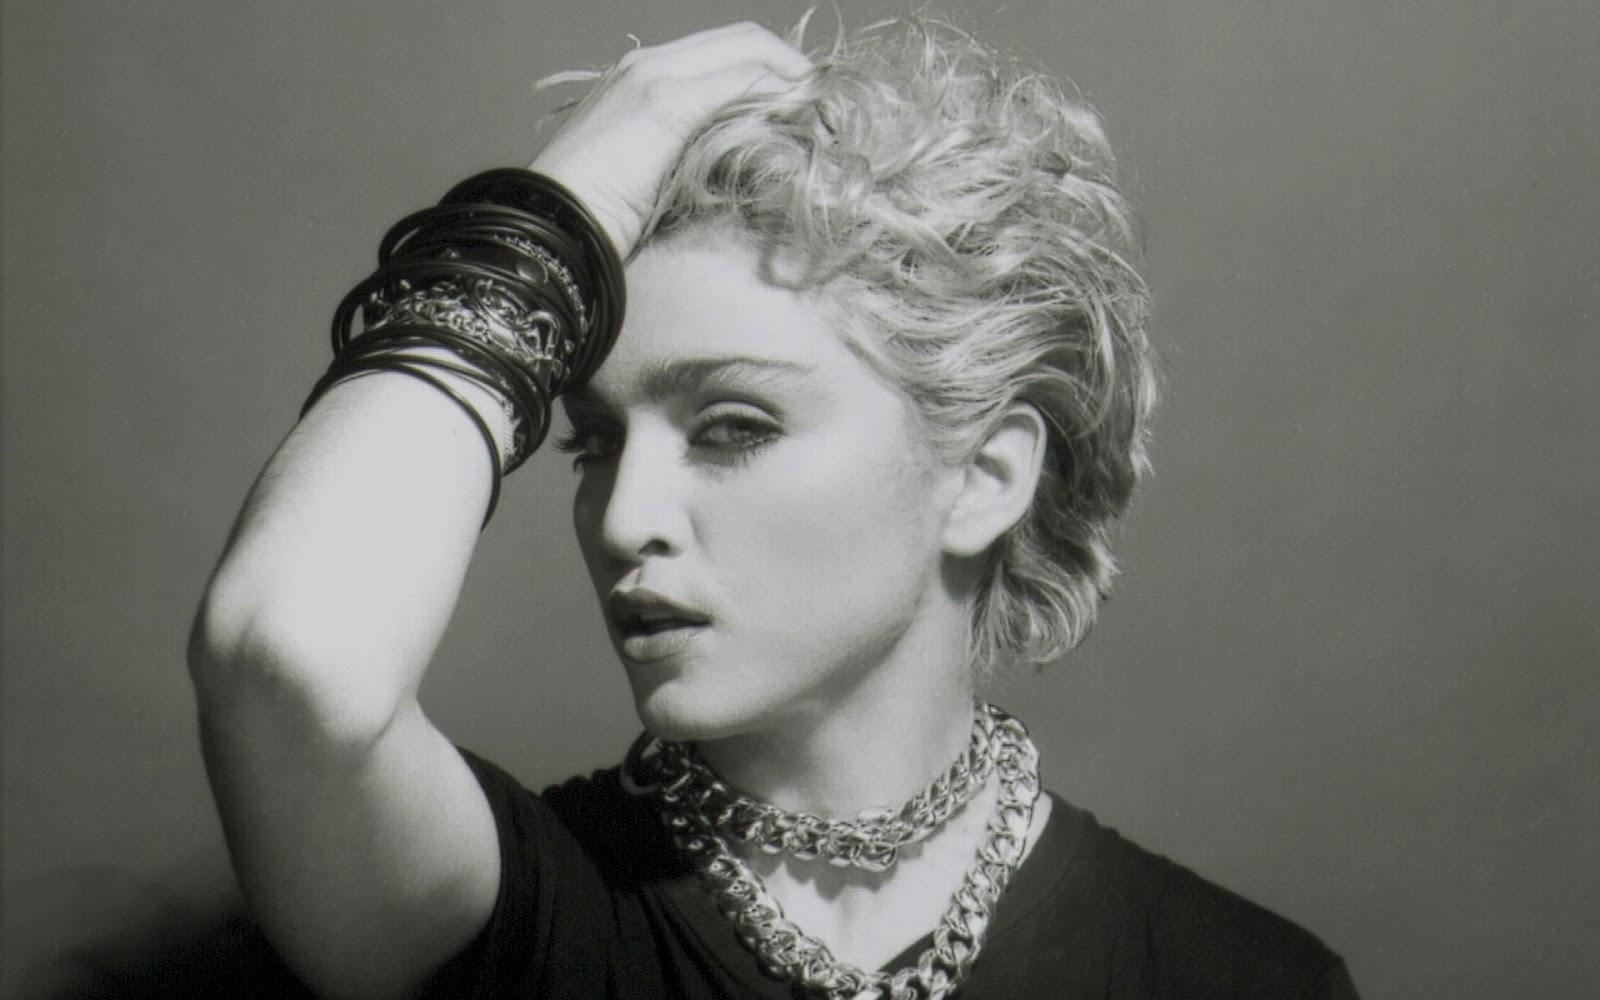 Estilo en el Mundo: Madonna Louise Veronica Ciccone